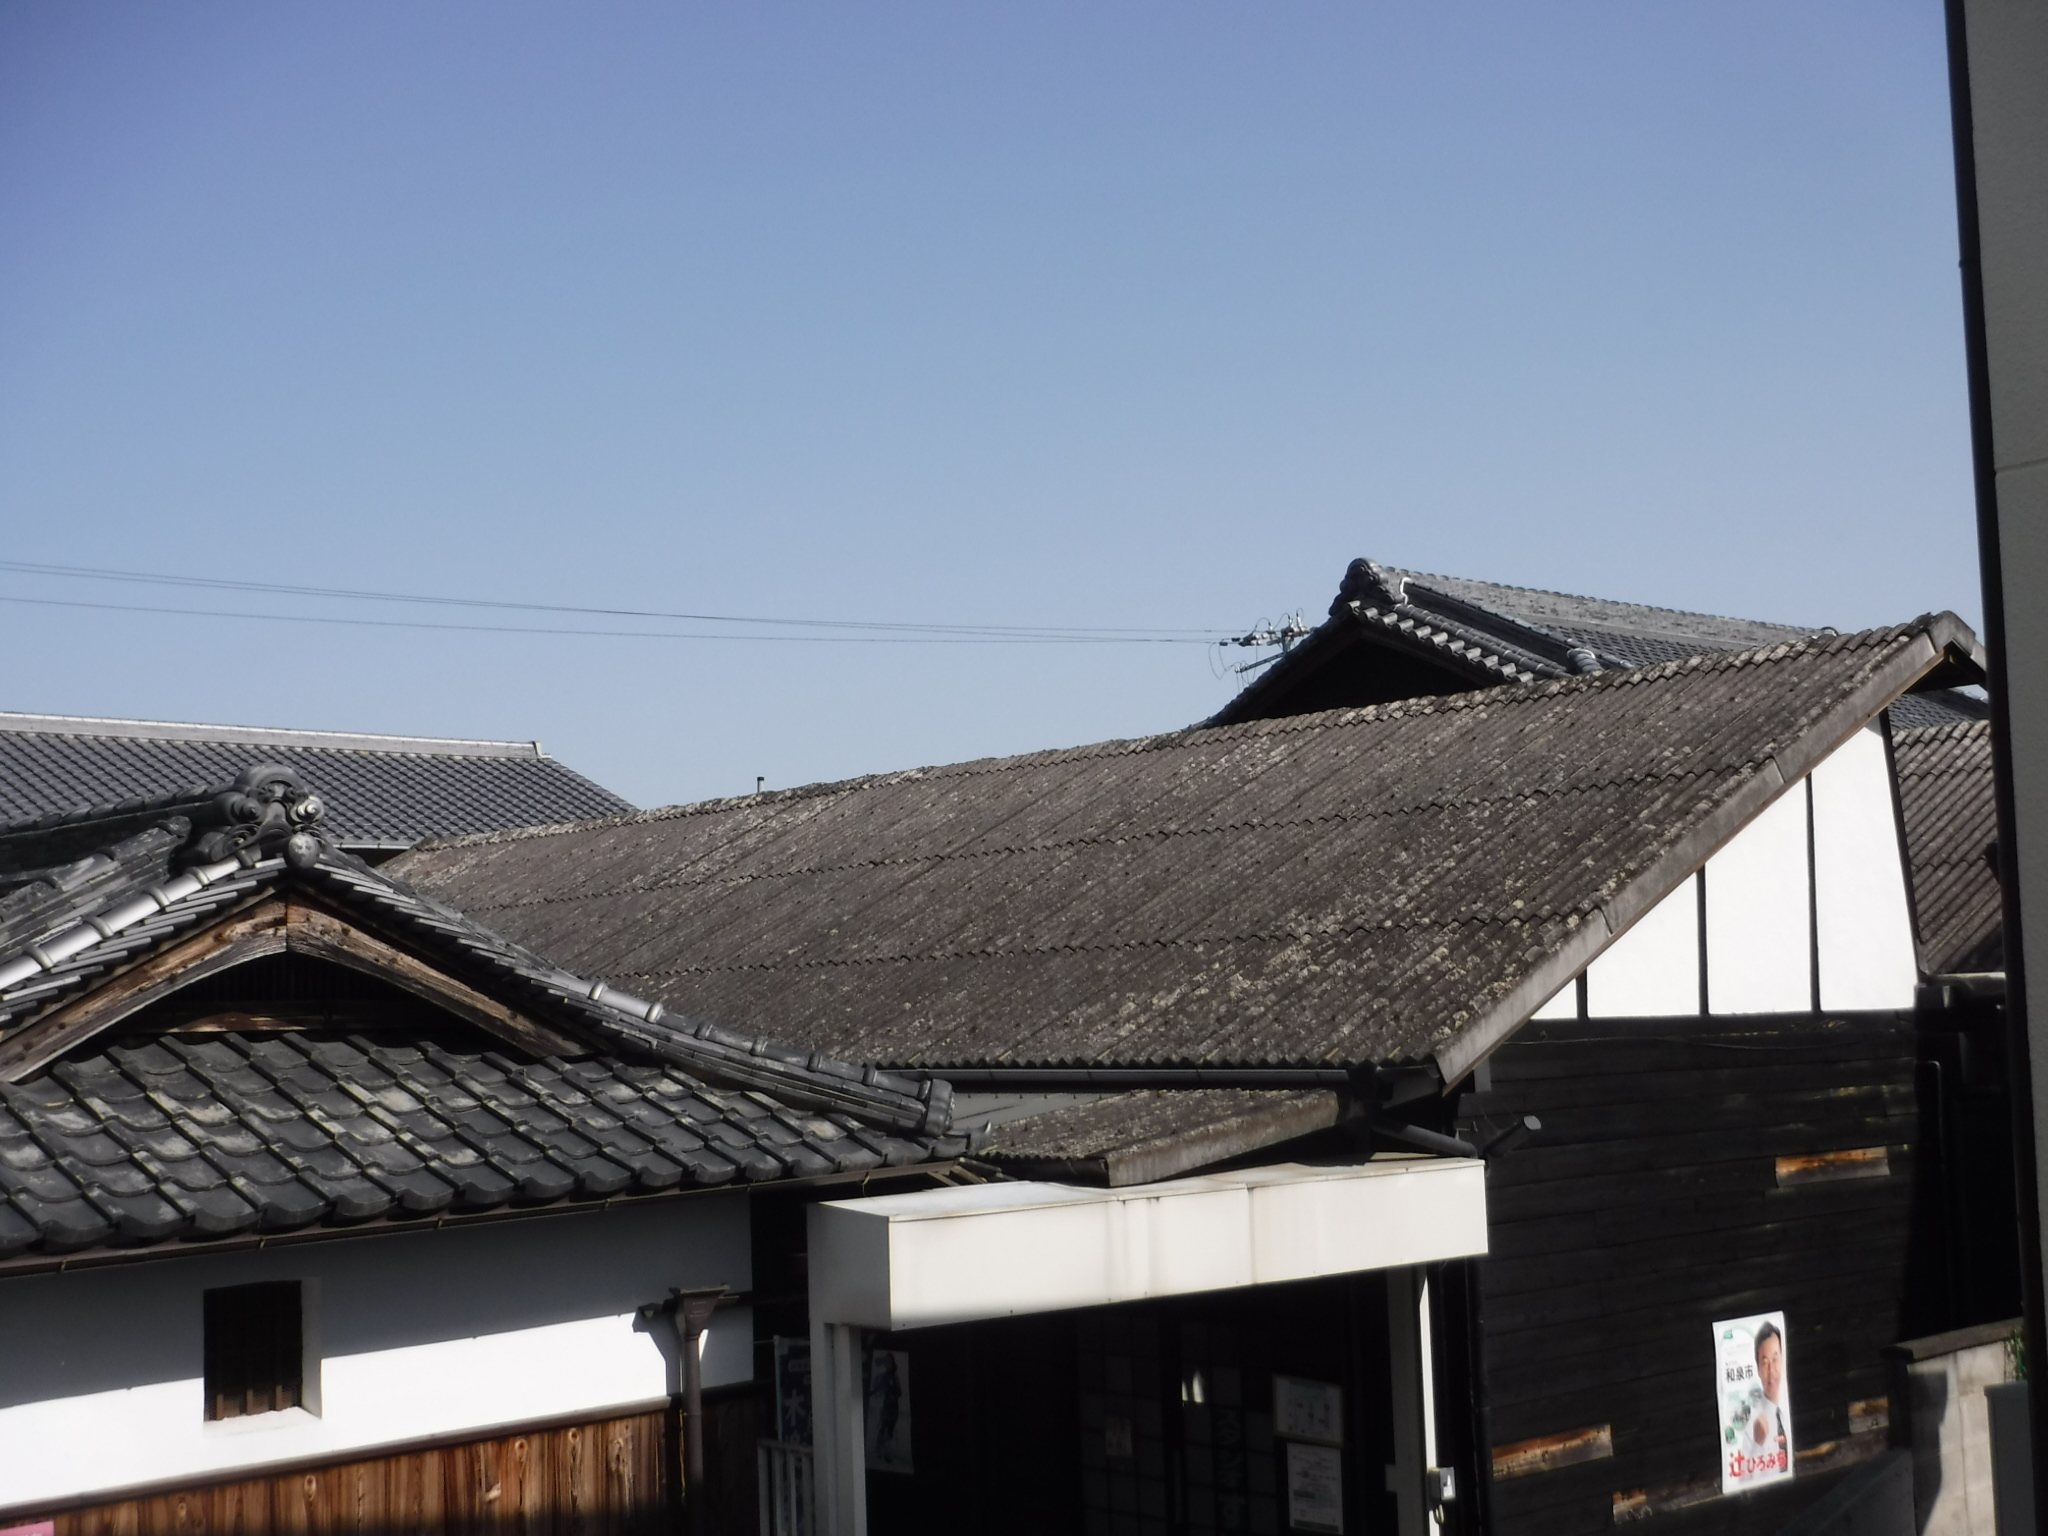 和泉市の外壁塗装・屋根塗装専門店ロードリーバス2